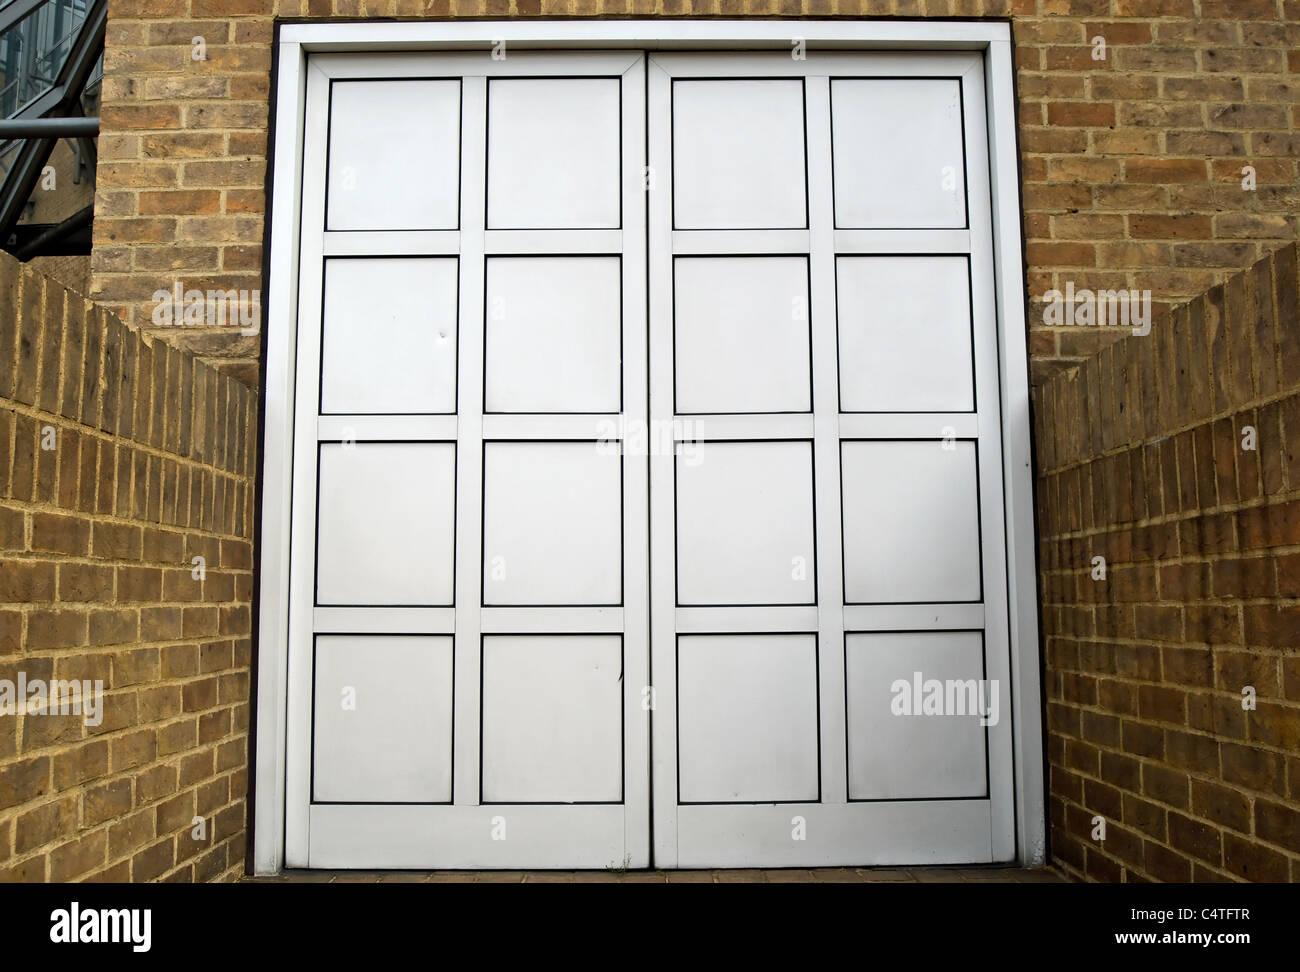 Nett Ersetzen äußeren Türrahmen Bilder - Rahmen Ideen ...